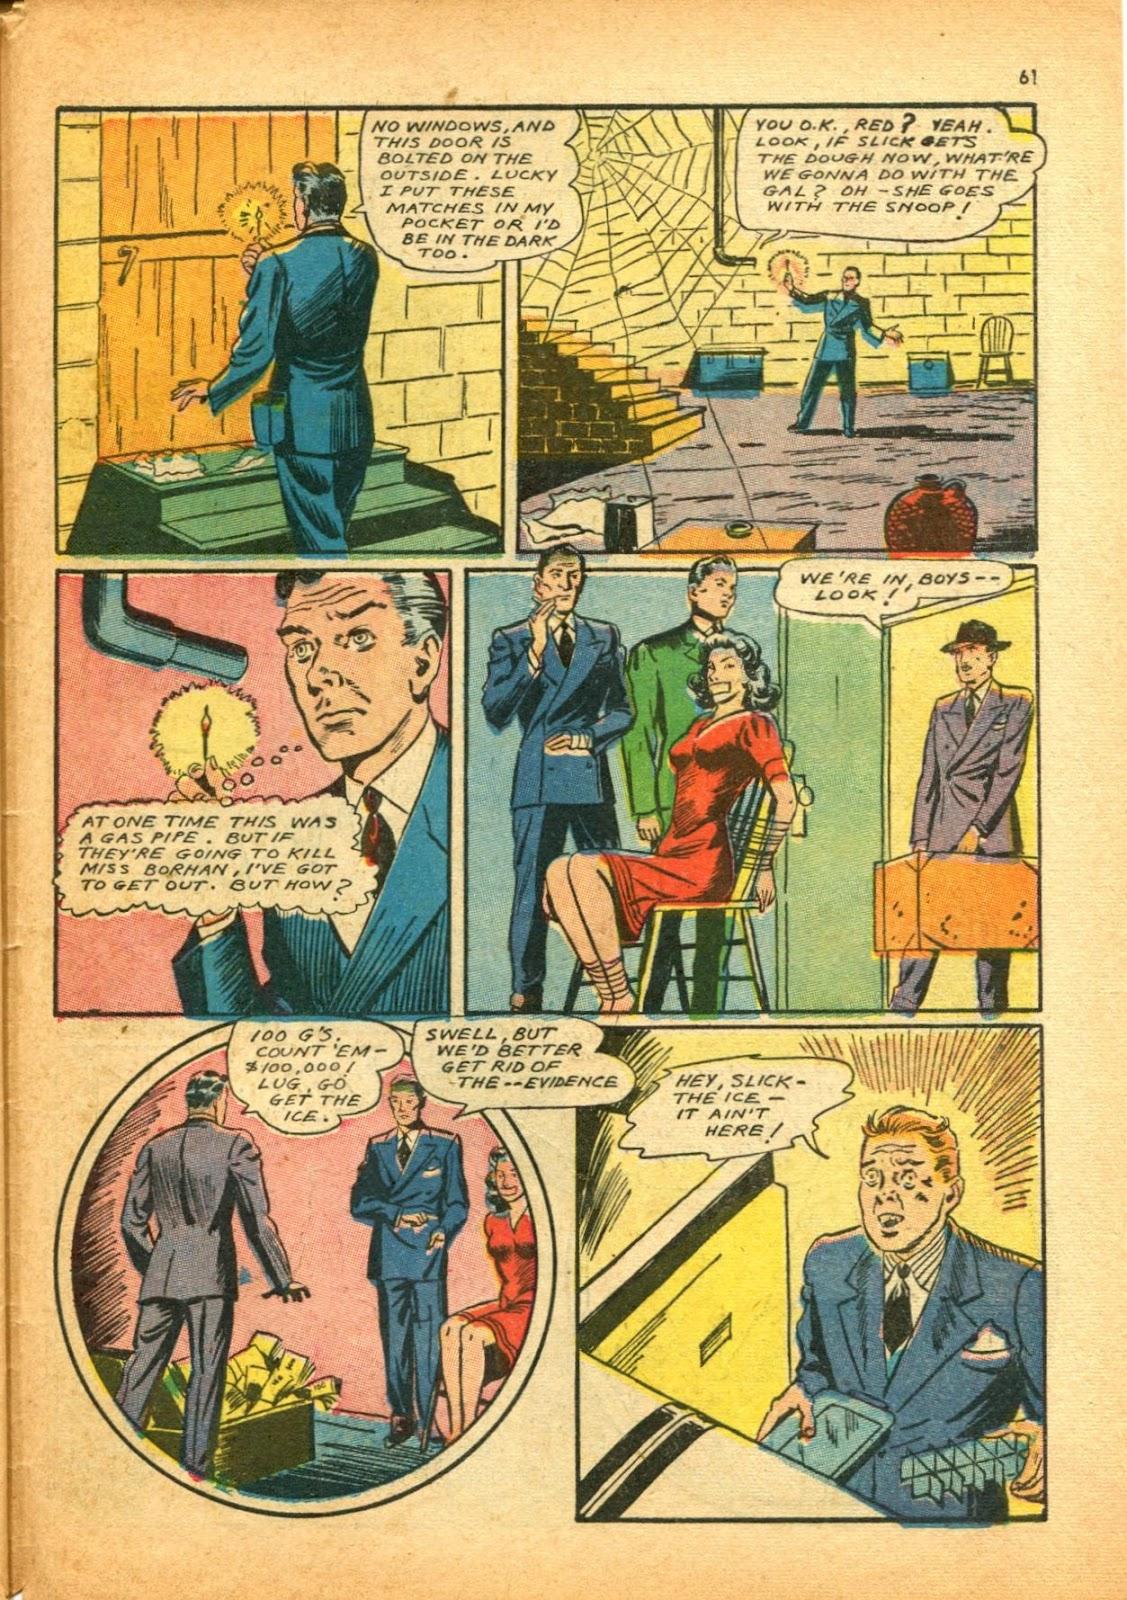 Read online Super-Magician Comics comic -  Issue #12 - 61